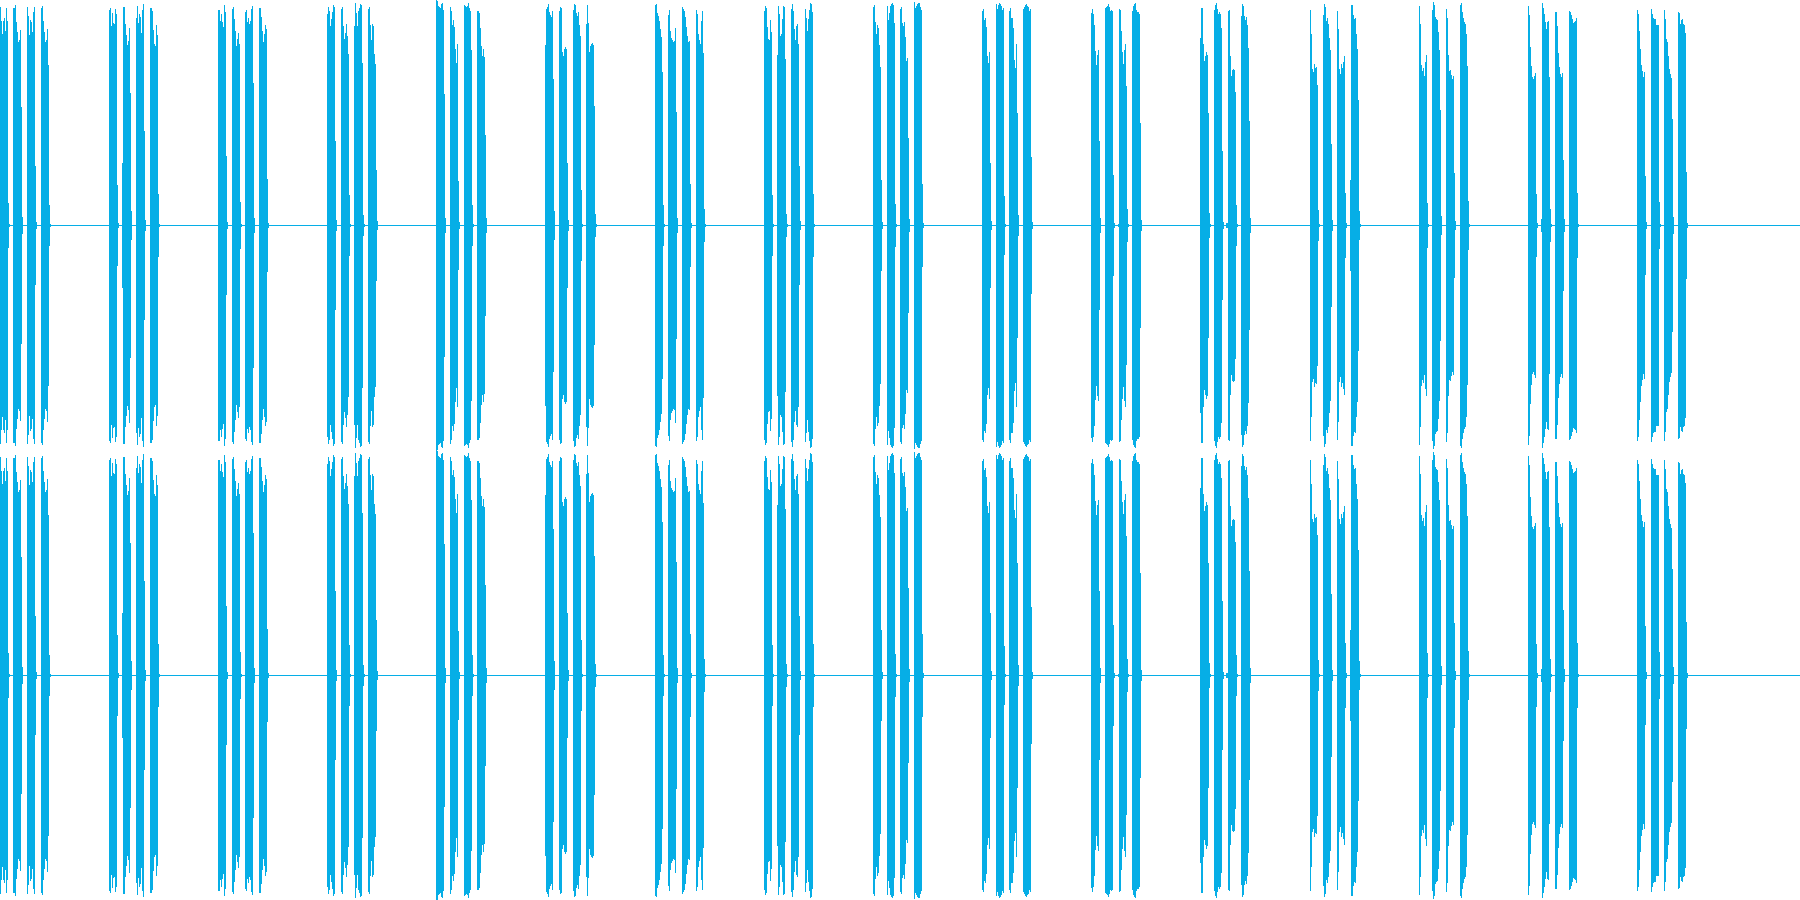 ピピピピ(電子音、機械音)の再生済みの波形